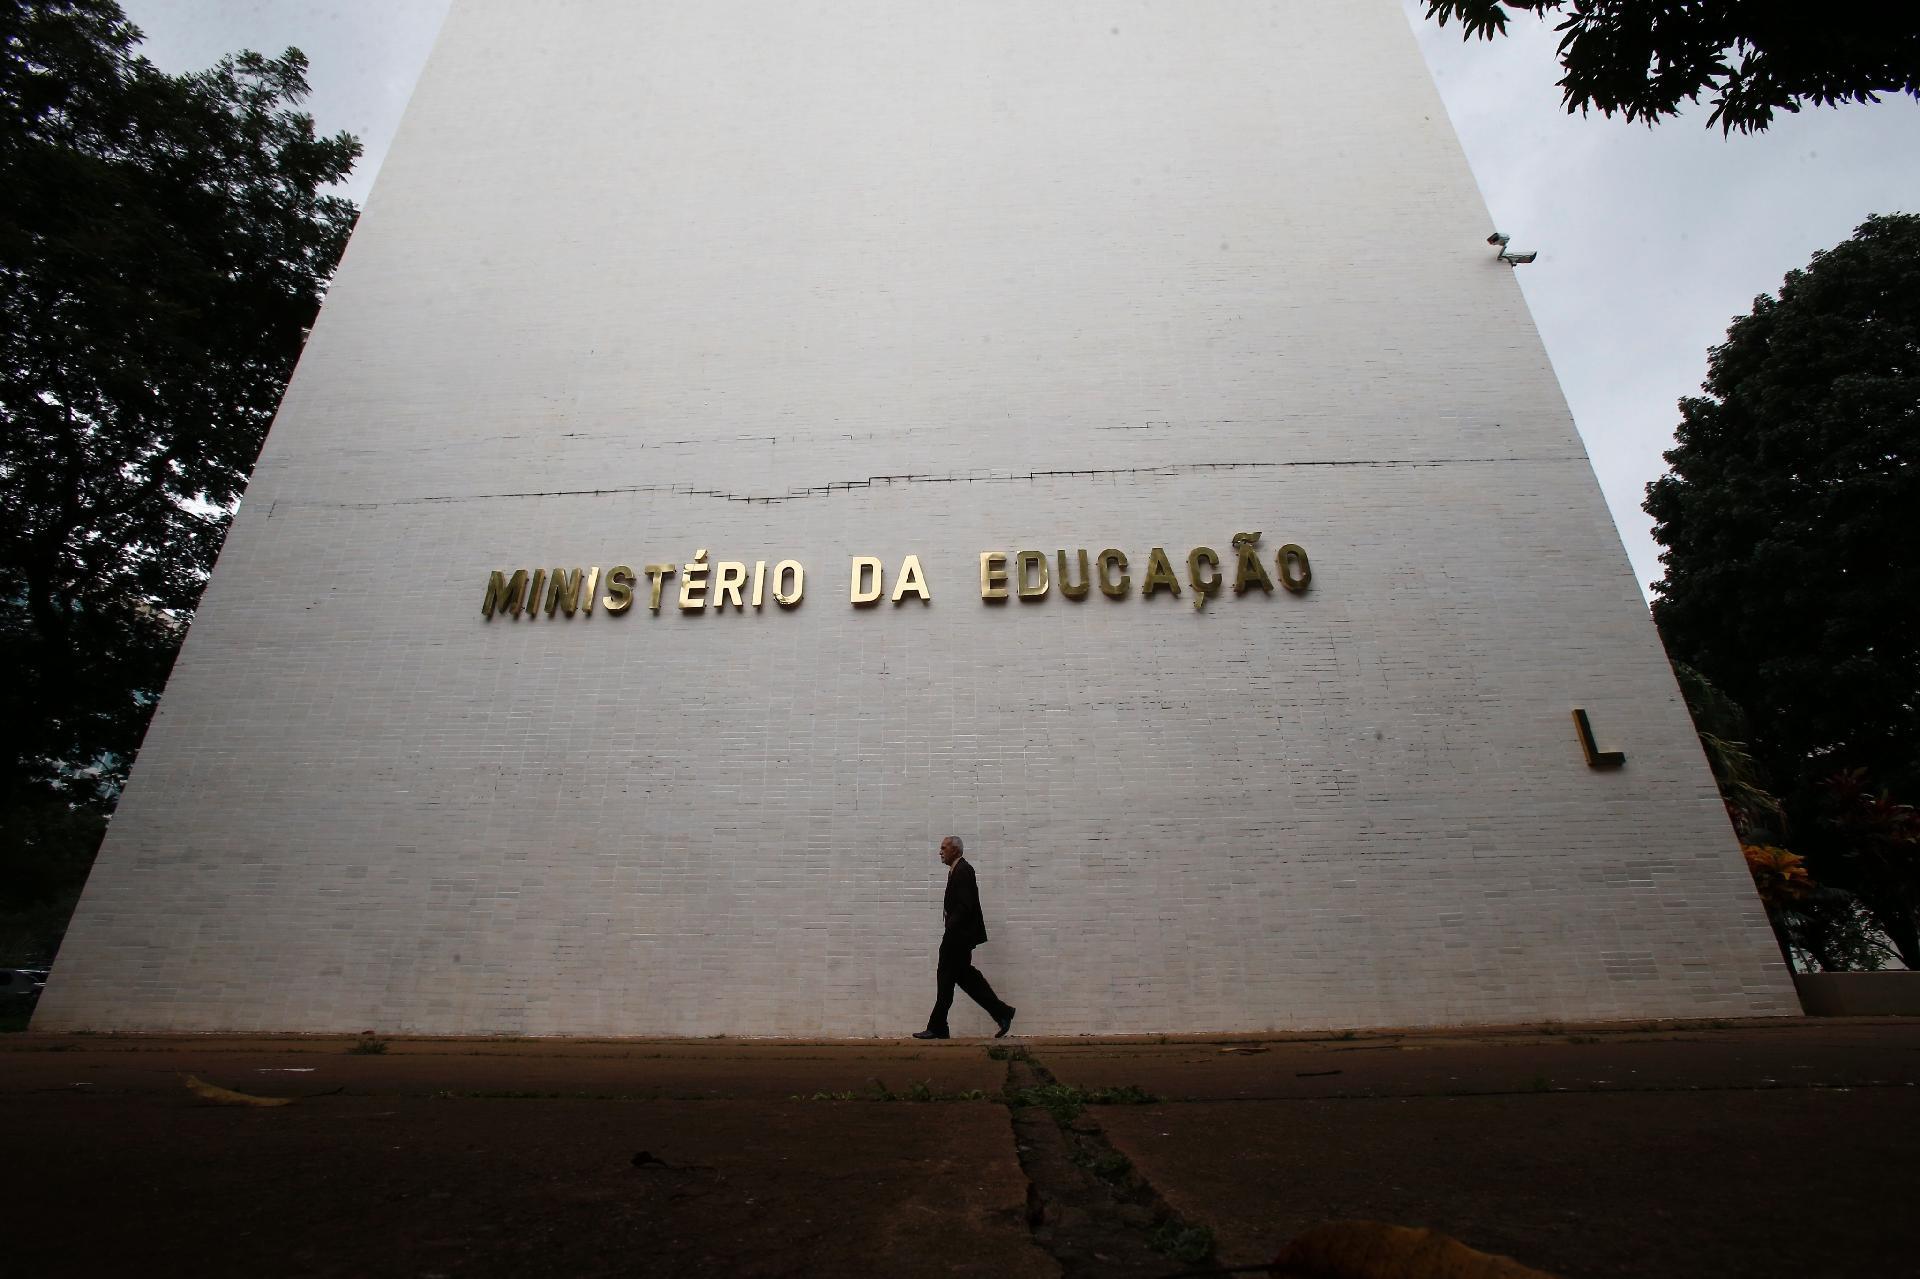 Ministério da Educação - Foto: Estadão Conteúdo